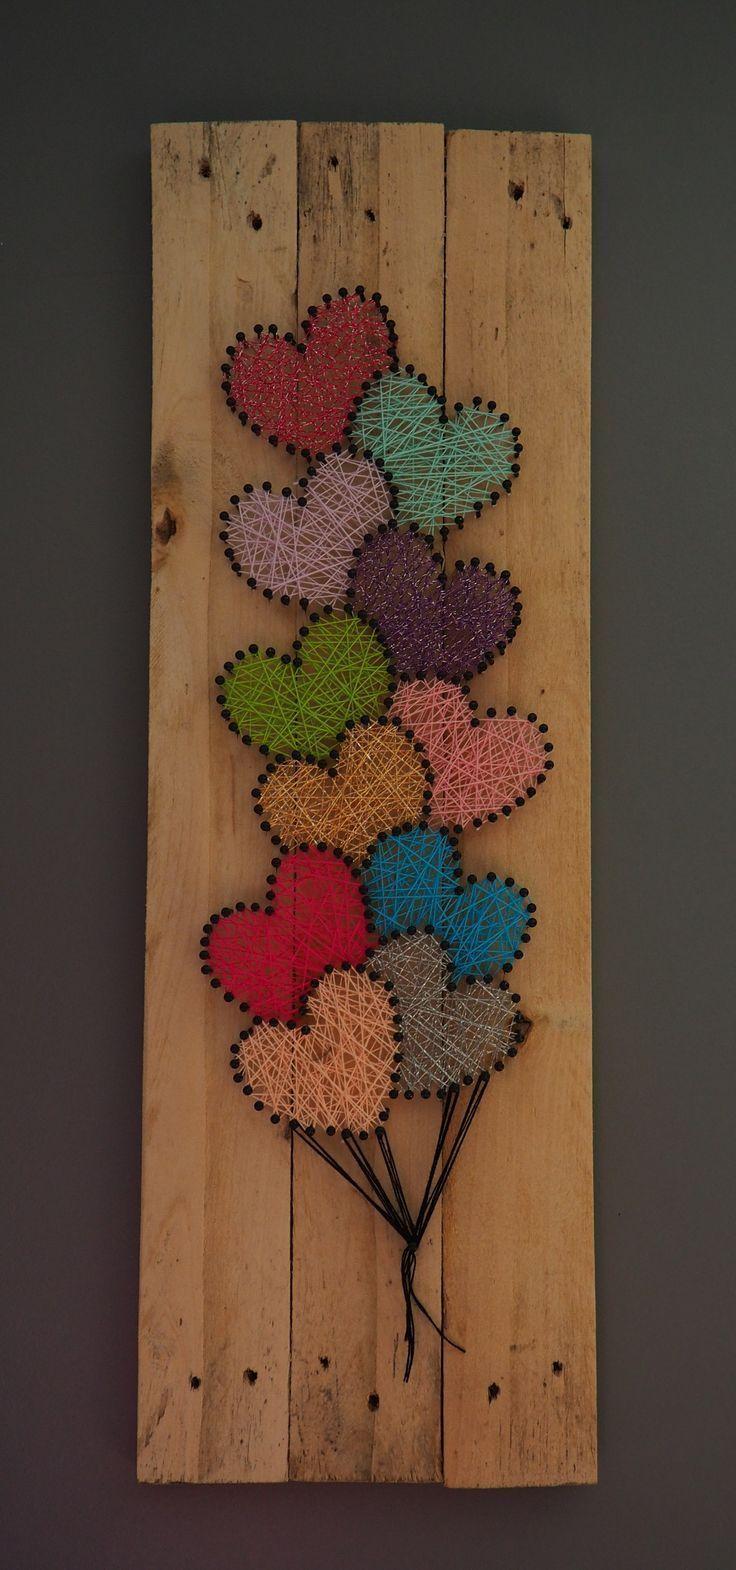 DIY Dekorationsherz mit Nägeln und Wolle – Wohnaccessoires